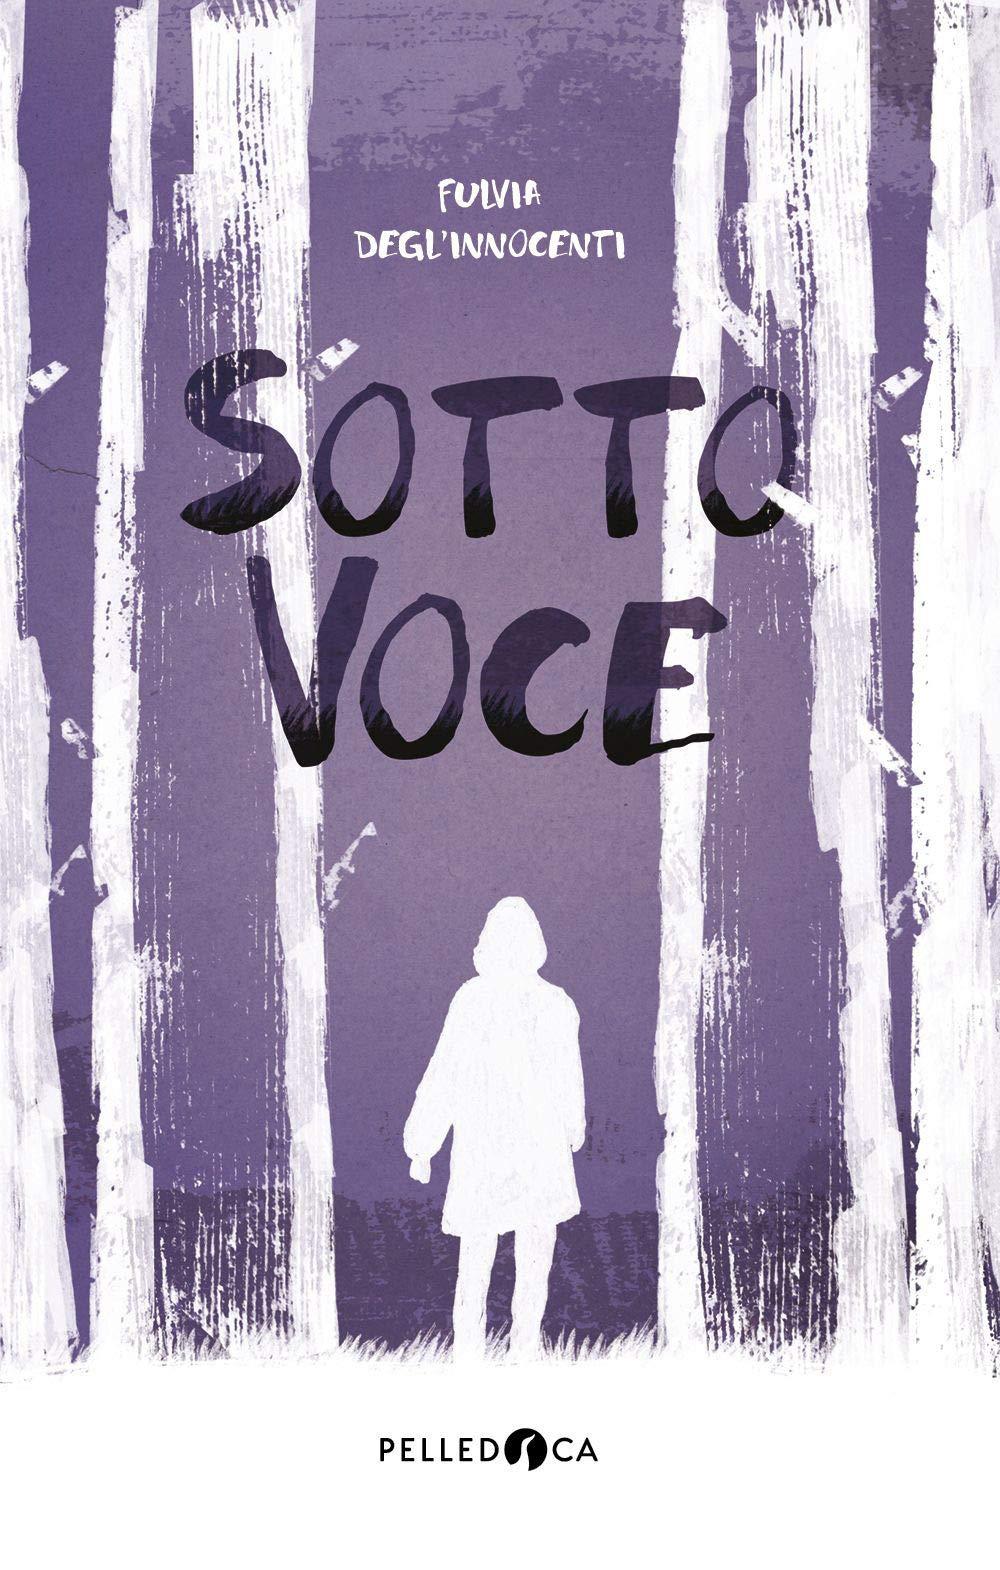 """La copertina del libro di Fulvia Degl'Innocenti """"Sottovoce"""""""